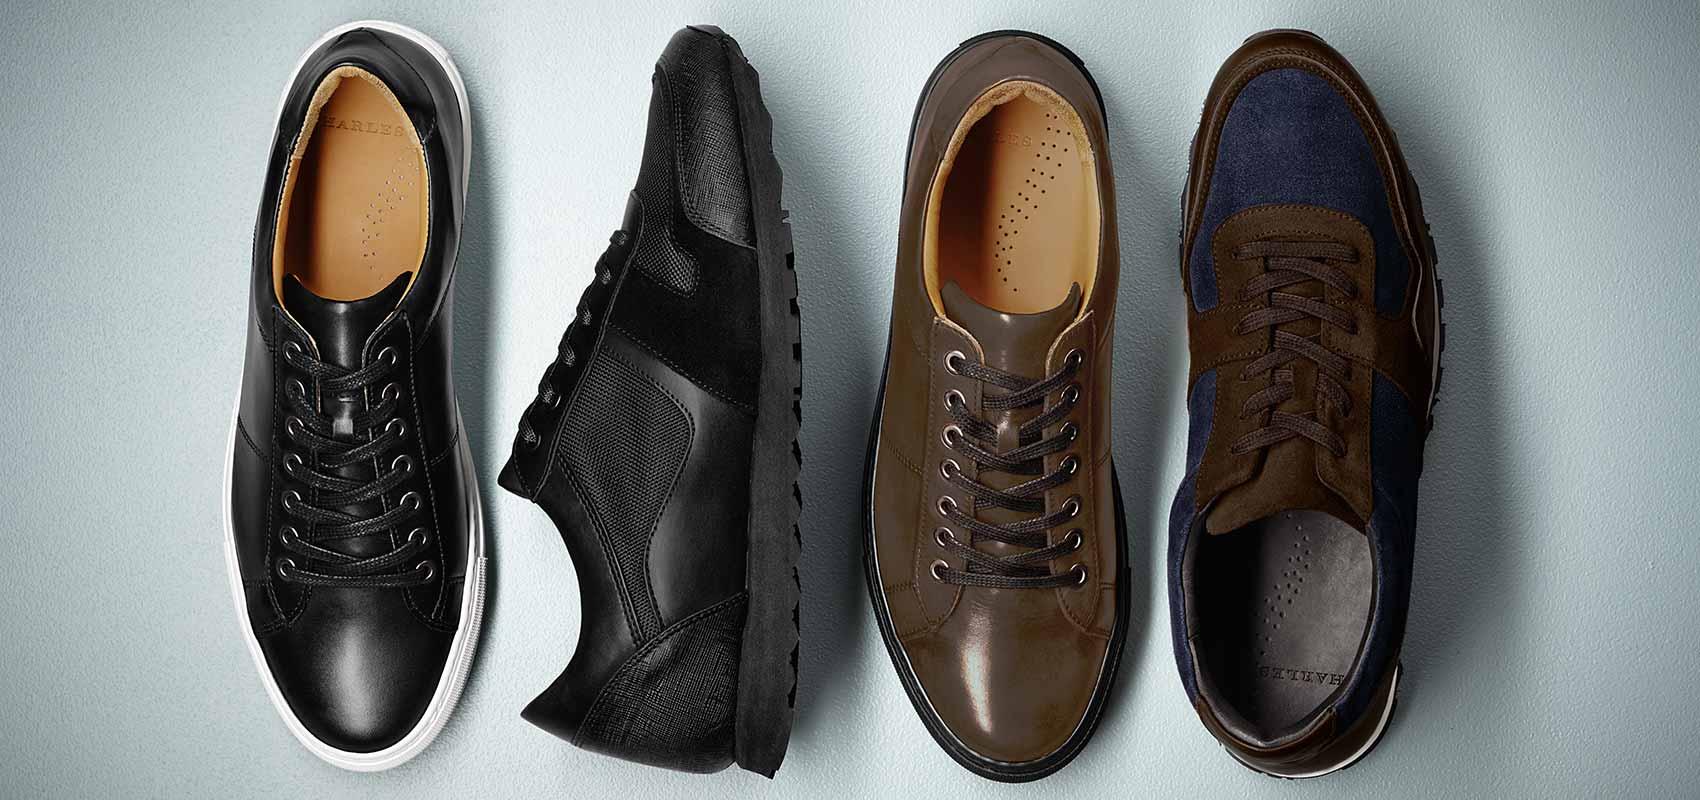 Charles Tyrwhitt sneakers